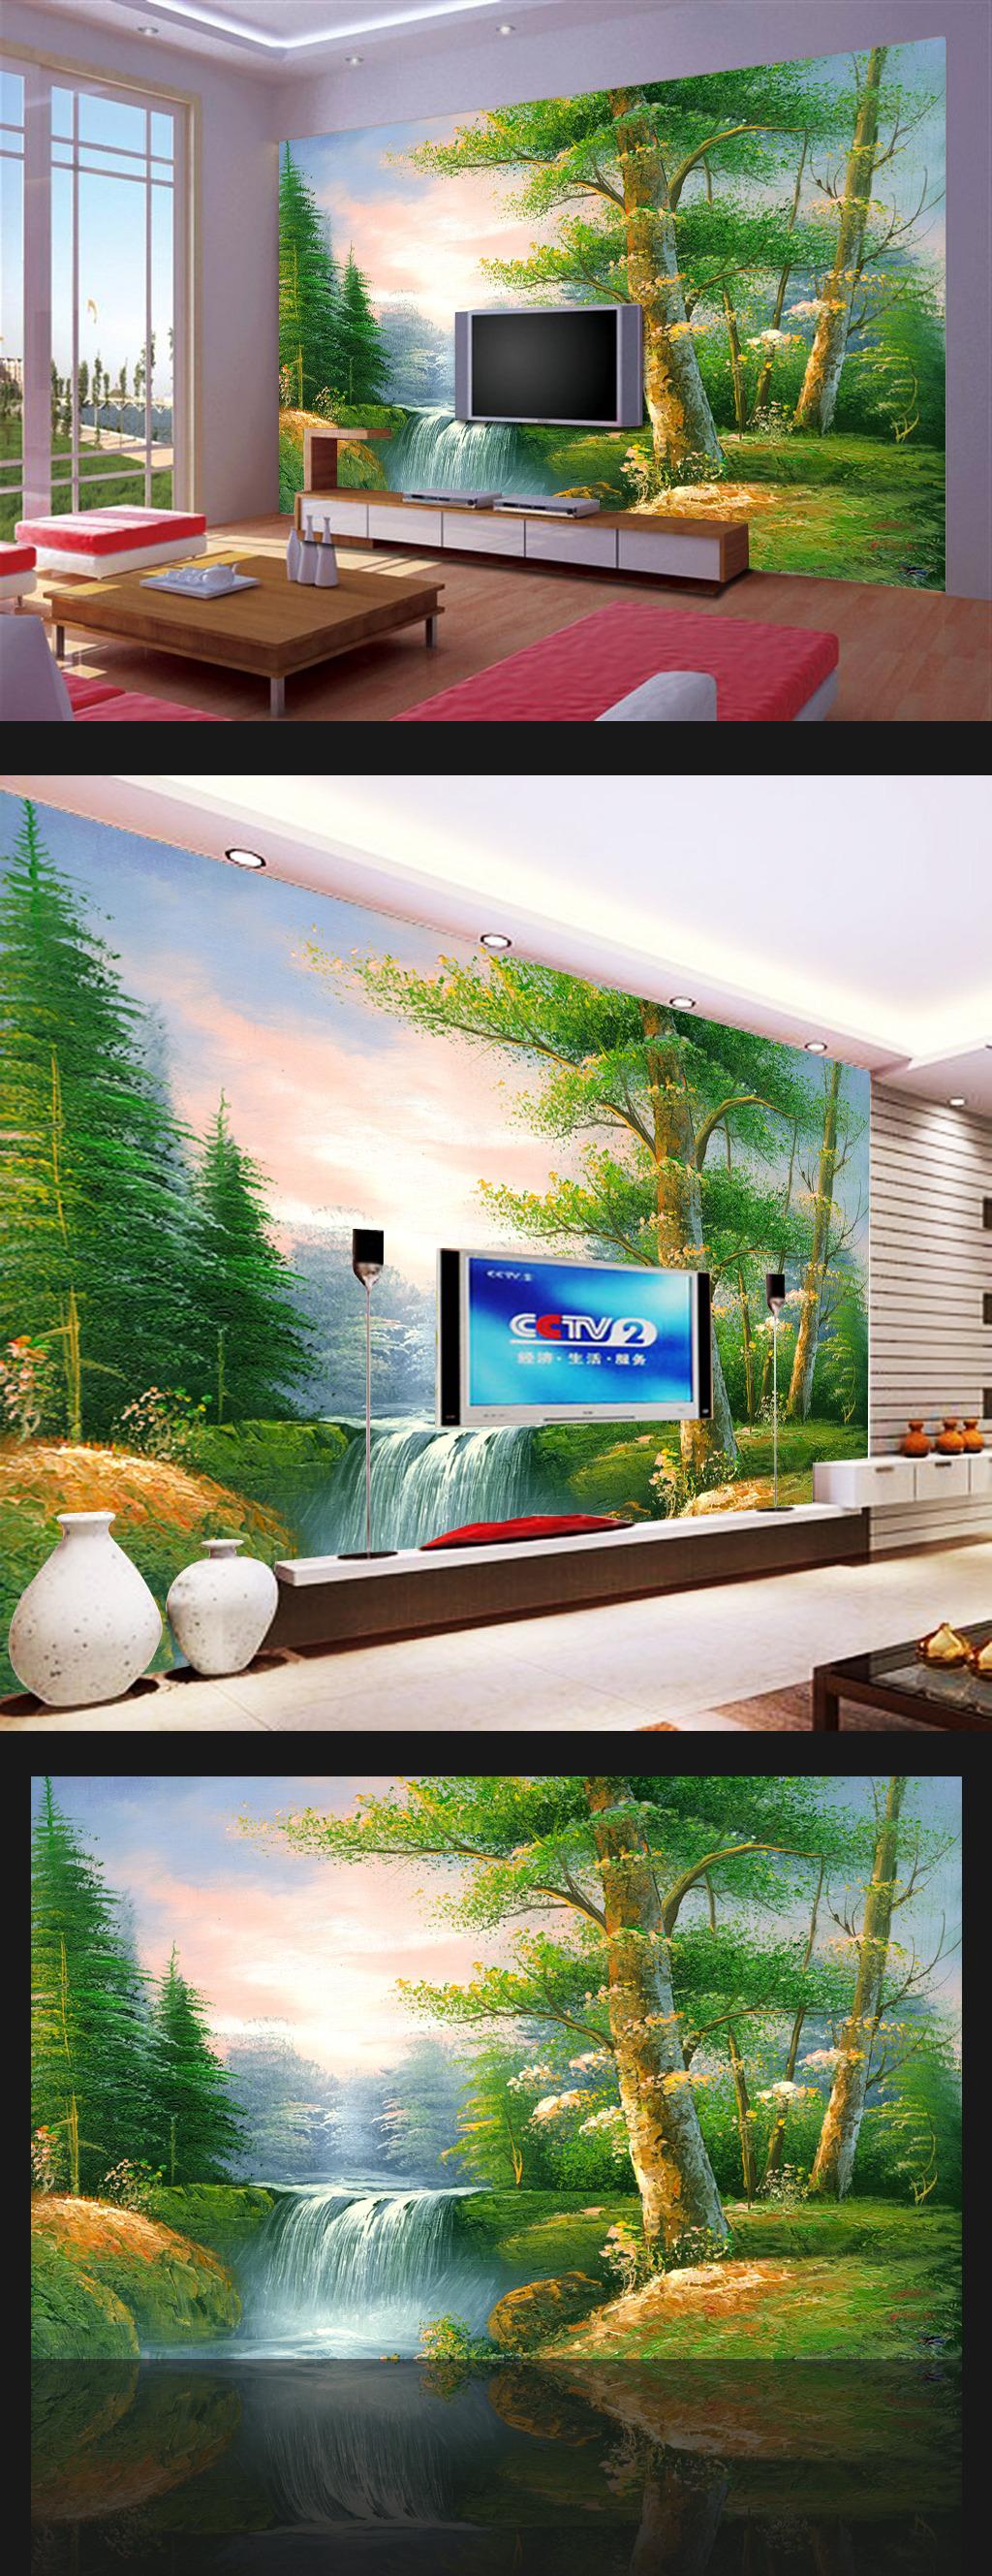 背景墙|装饰画 电视背景墙 手绘电视背景墙 > 油画森林风景客厅电视